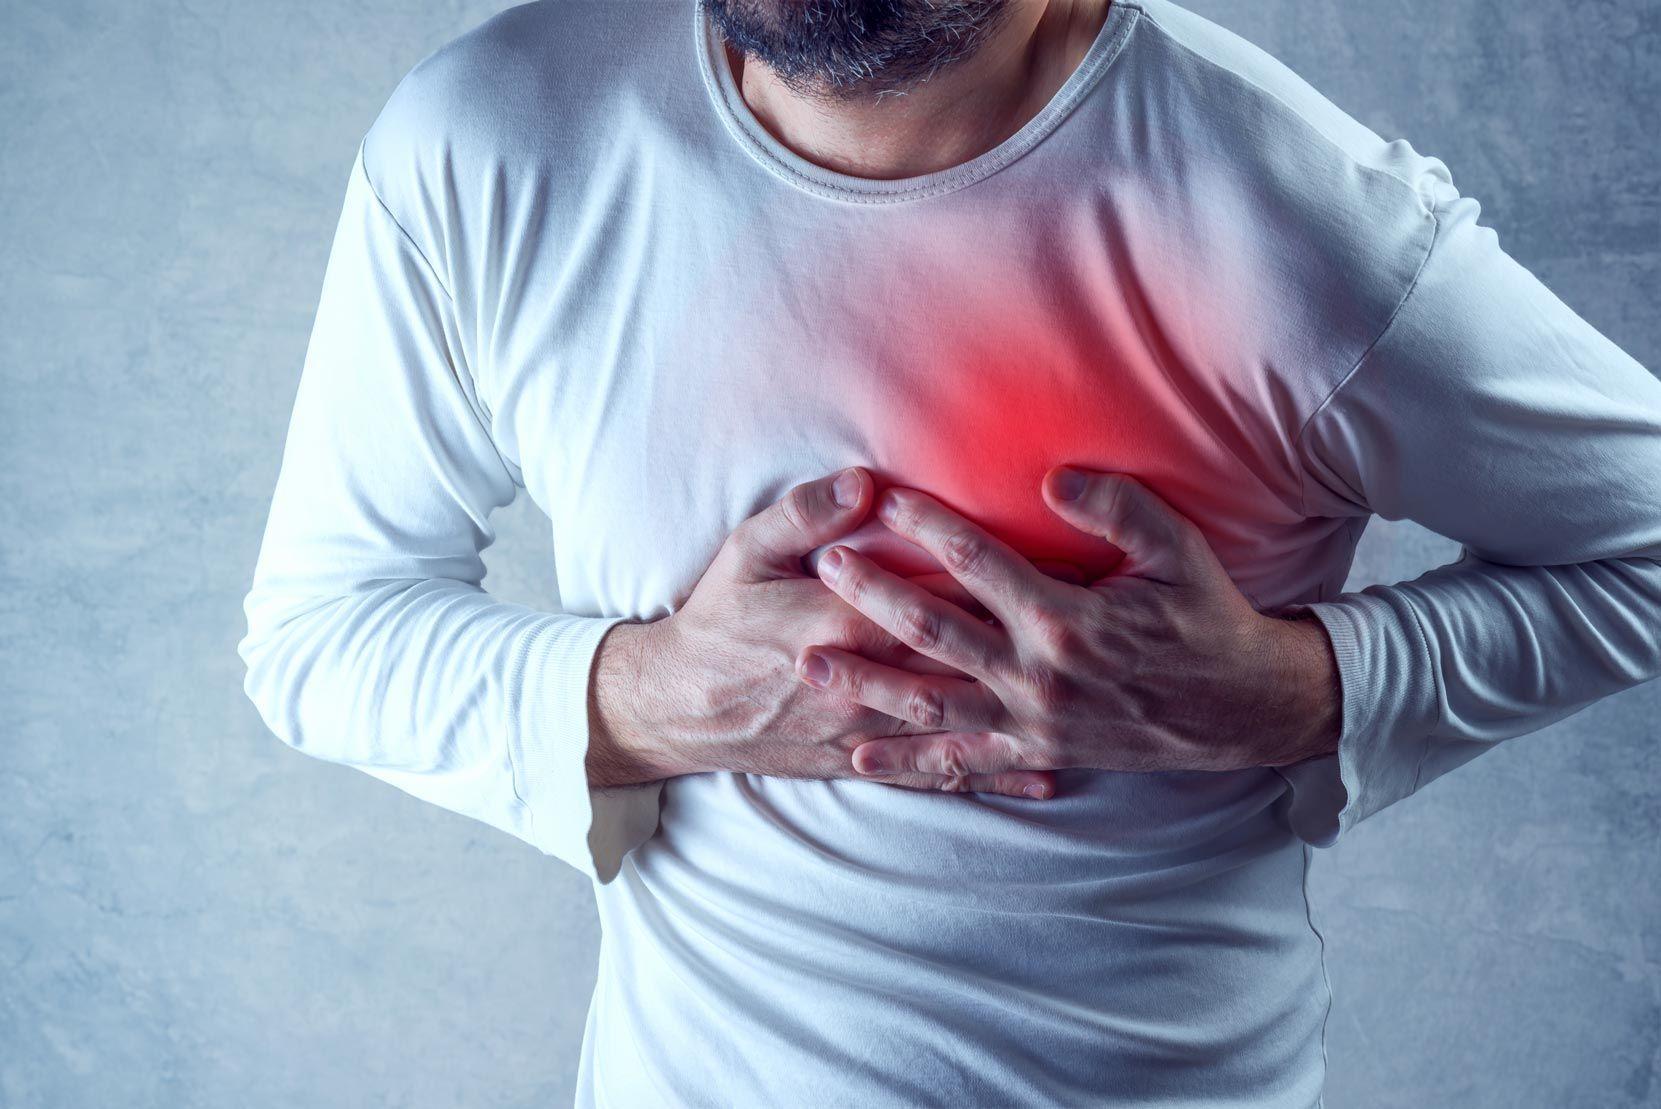 Neben Krebs sterben die meisten Menschen an einem kranken Herzen – das müsste längst nicht mehr sein!